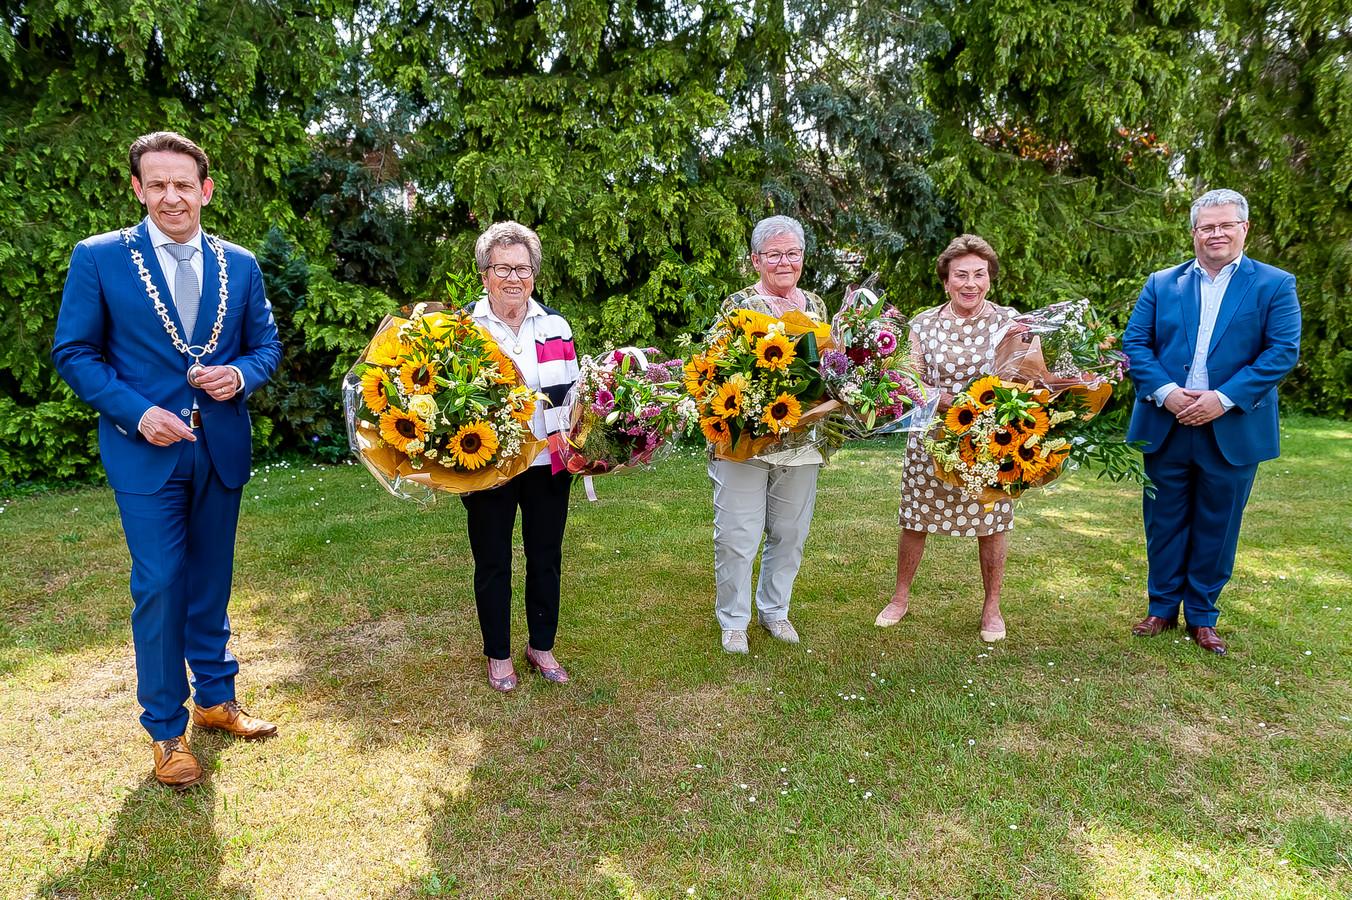 Liedje Visschers, Miets van Weert en Lies Staals met burgemeester Van Kessel (l) en wethouder Lemmen.